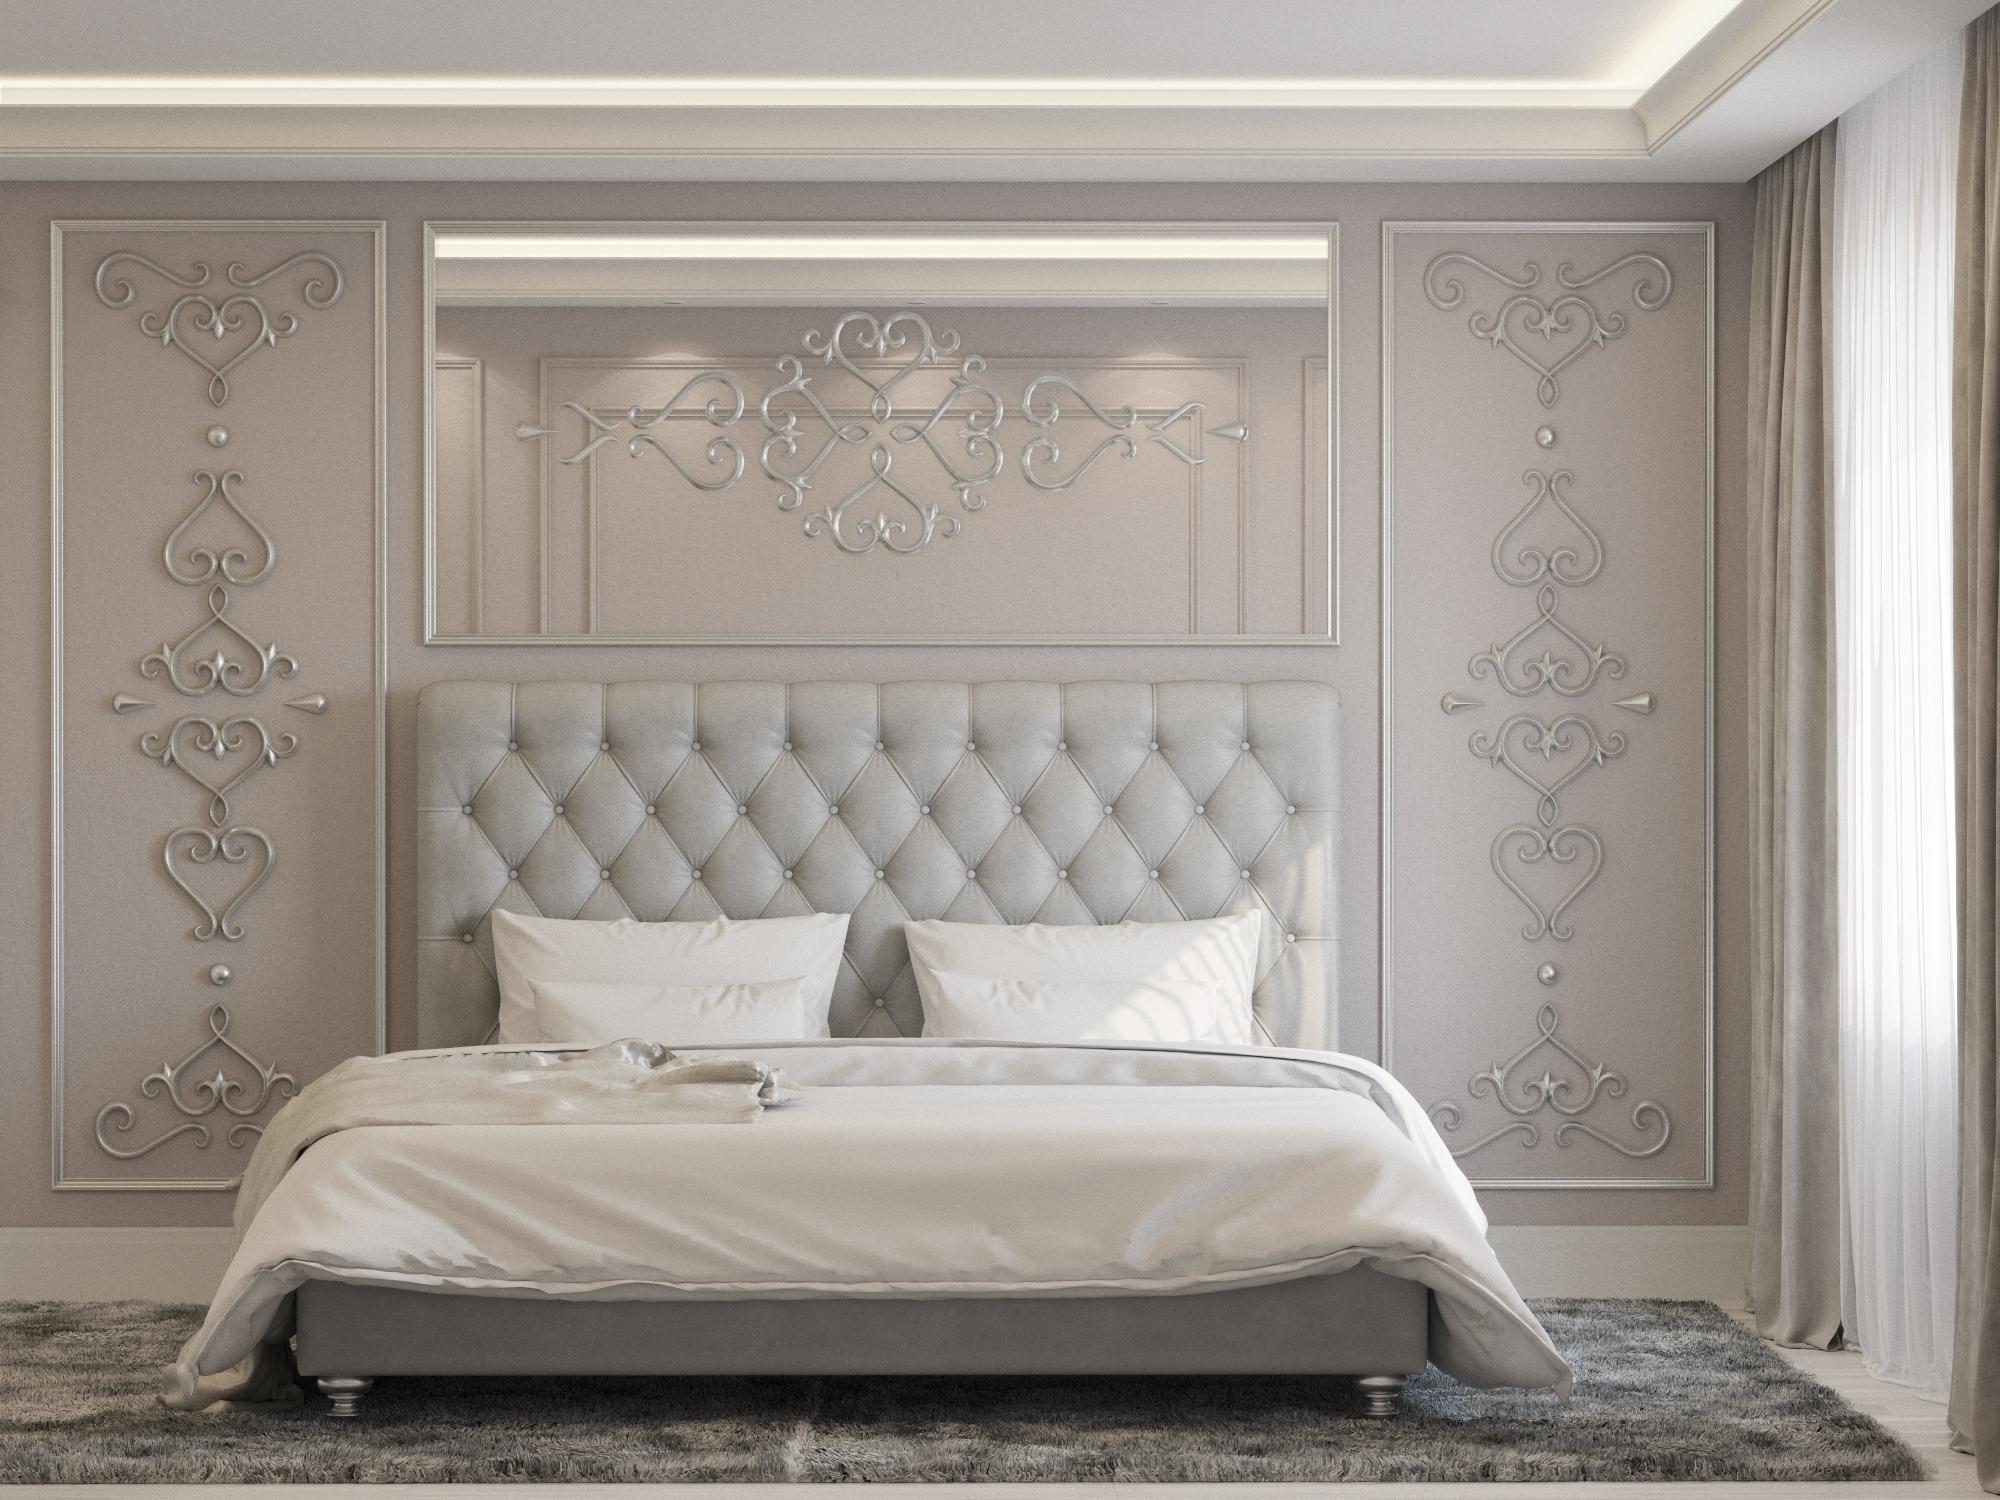 Bv decor decoraci n de poliuretano cornisas molduras - Molduras techo poliuretano ...